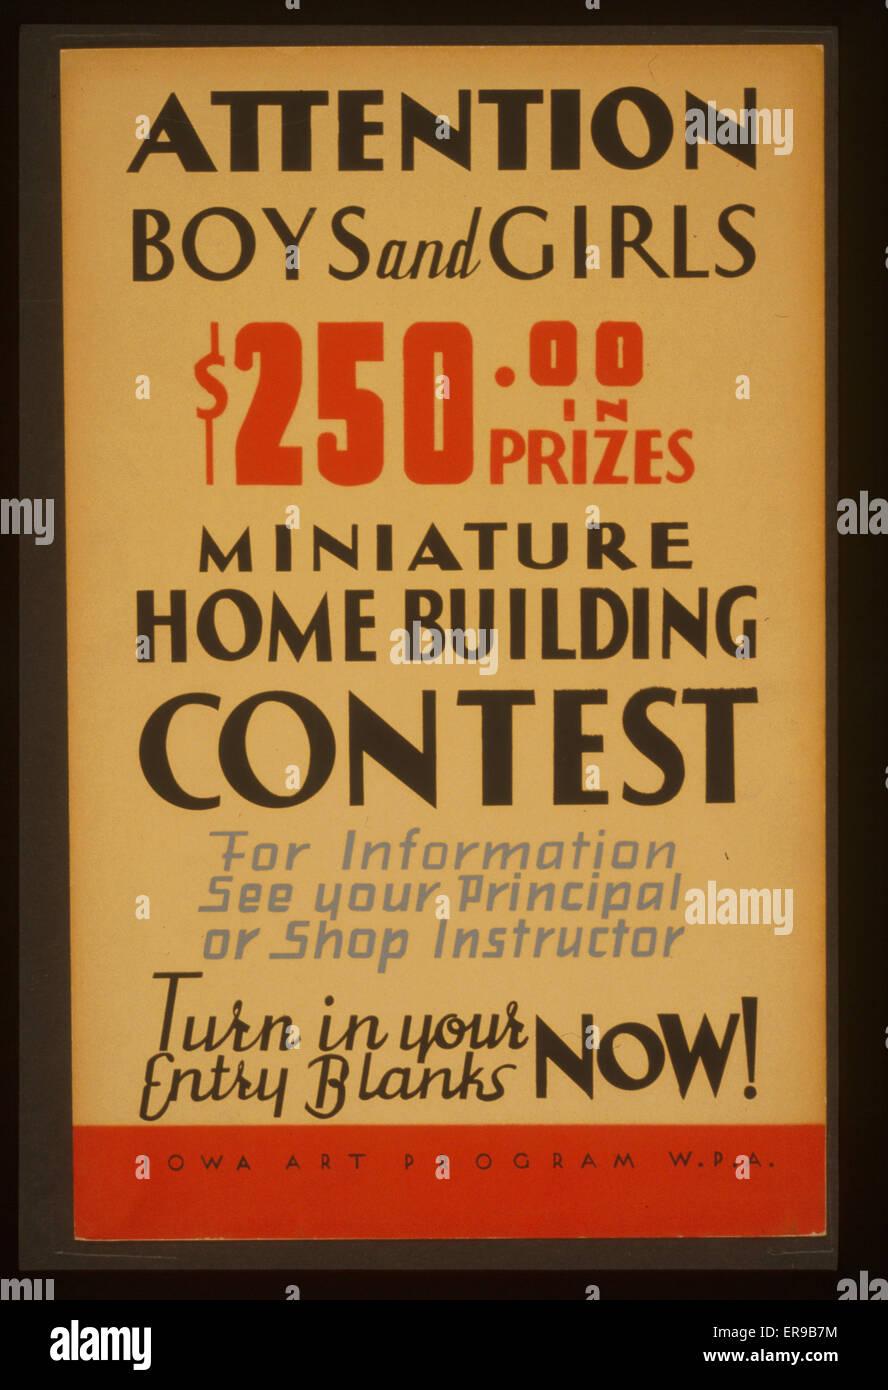 Atención de niños y niñas - $250.00 en premios - Miniature Inicio edificio Concurso Cartel es sólo Imagen De Stock